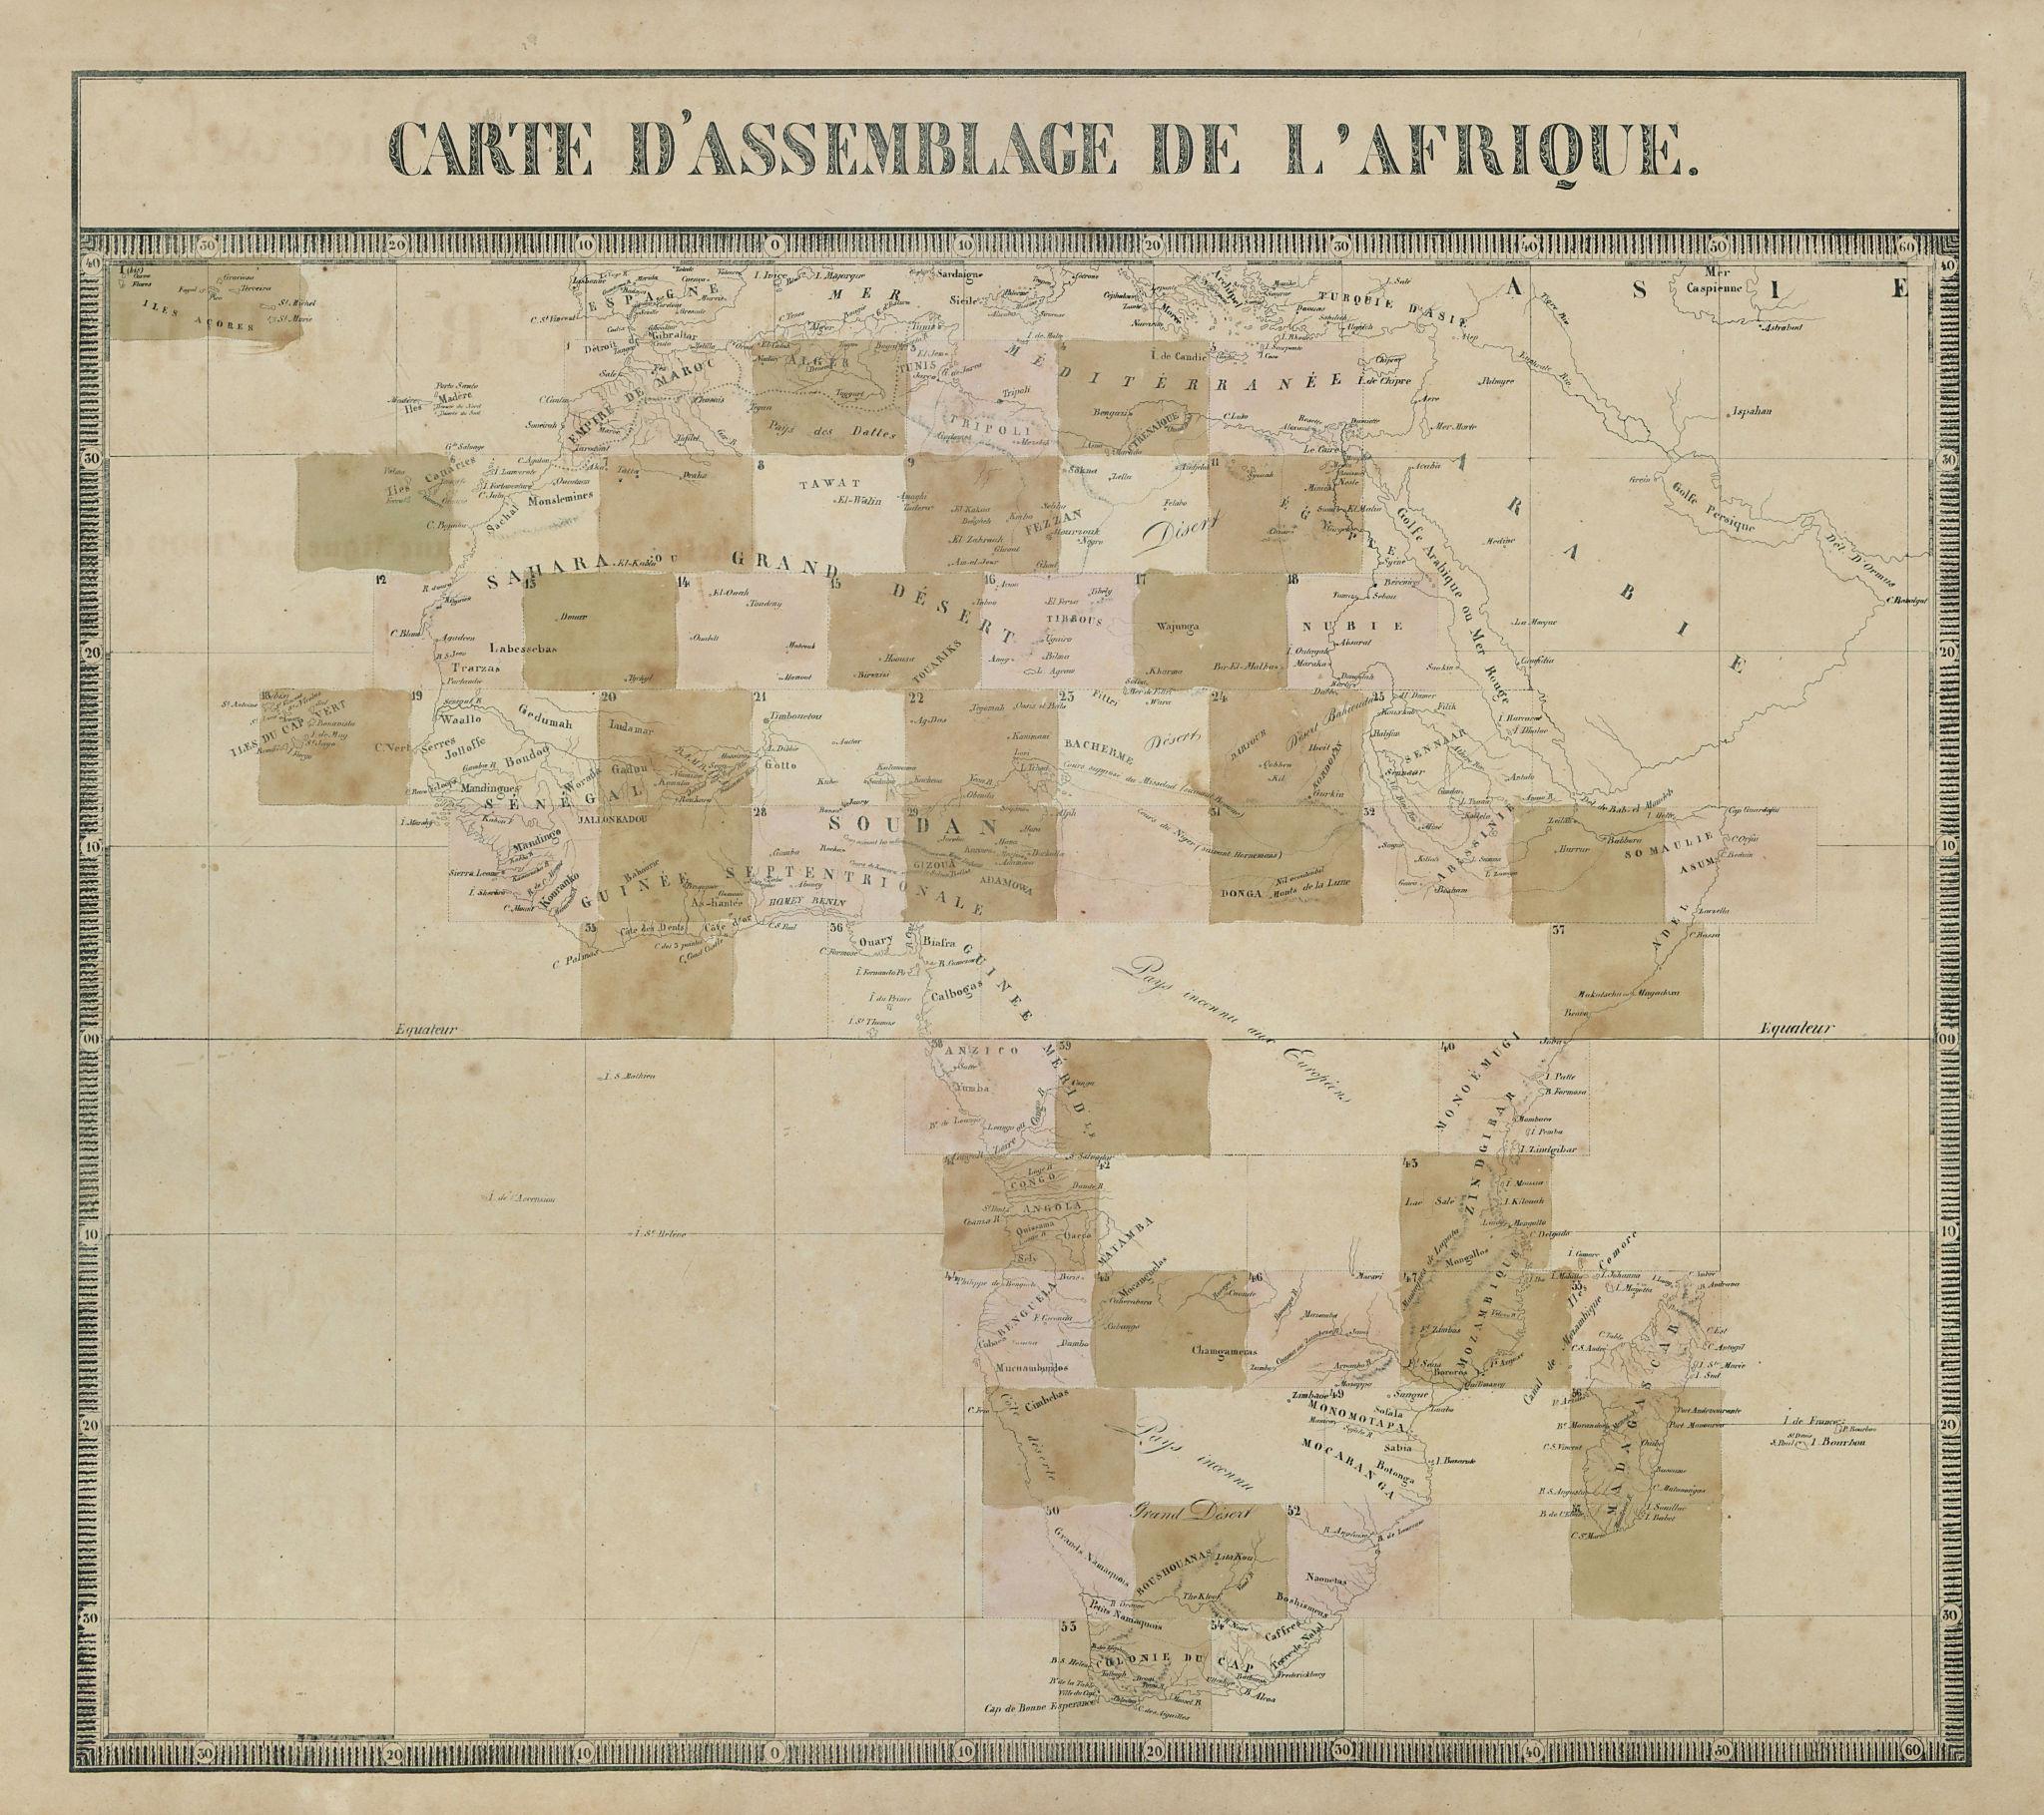 Carte d'Assemblage de l'Afrique. Africa. Unknown lands. VANDERMAELEN 1827 map